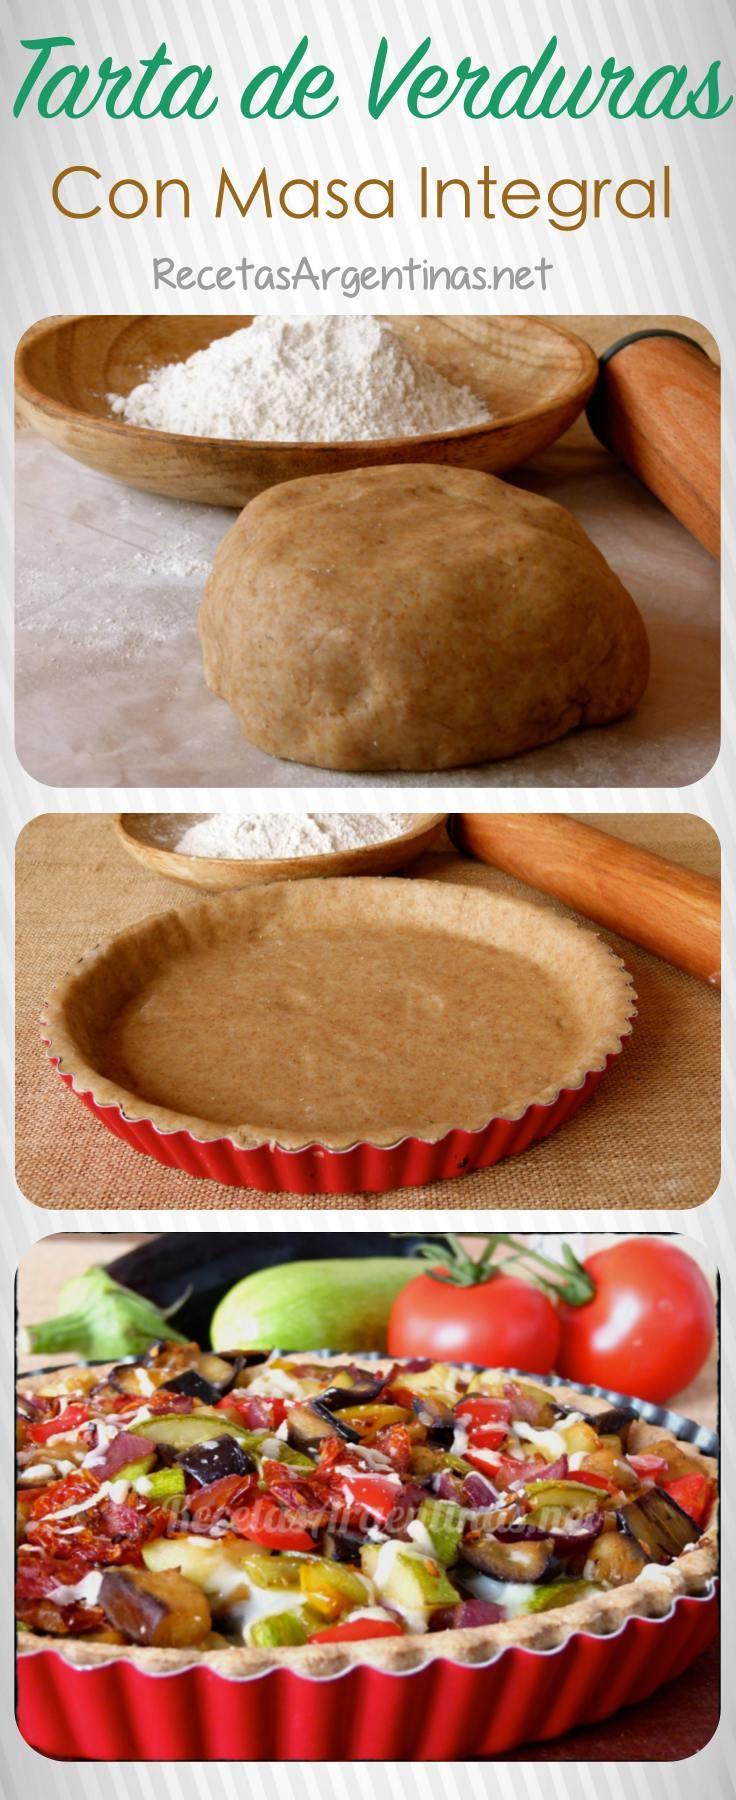 Ingredientes :  Masa para tarta salada de harina integral (ver receta aquí)  1 berenjena grande 1 zapallito tipo zucchini o zapallito verde 1 cebolla mediana 10  tomatitos cherries. 1 pimiento morrón rojo 1 pimiento morrón verde 2 0 3 cucharadas de aceite Sal y pimienta a gusto. 150 gramos de queso para gratinar ( mozzarella o port salut  o mantecoso)  Modo de preparación: Precalentar el horno a 180 grados.  Disponer la masa de tarta en un molde. Pinchar la superficie de la masa , para…